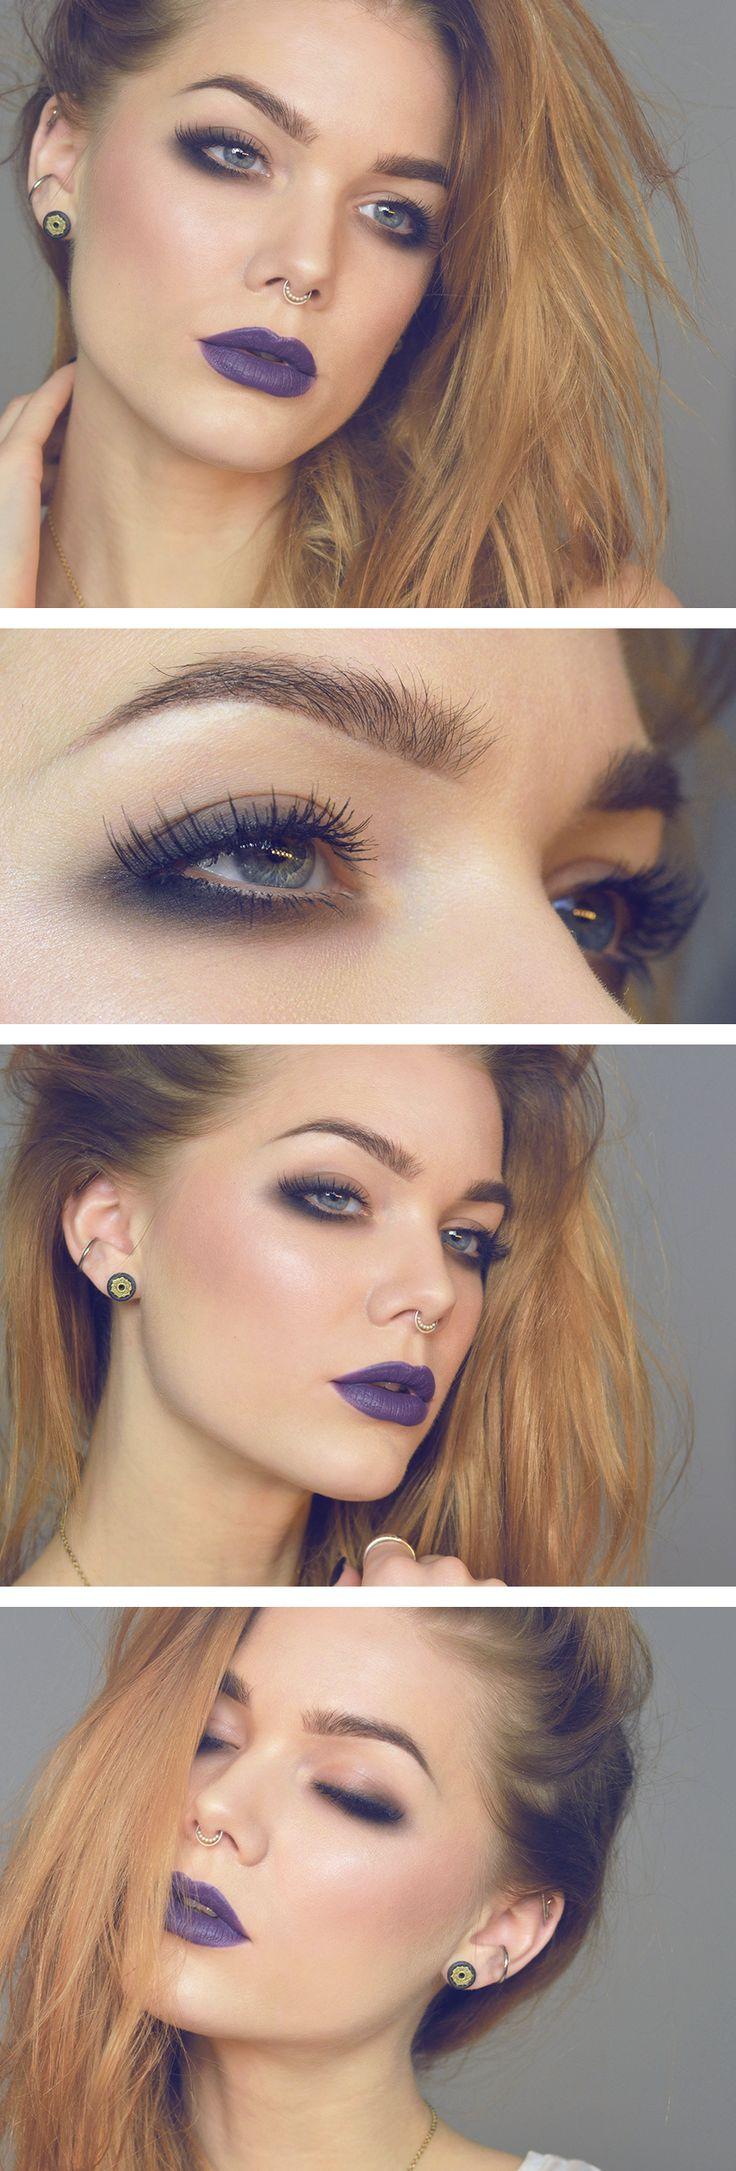 smokey eyes (smudged liner) + purple look | makeup @ linda hallberg